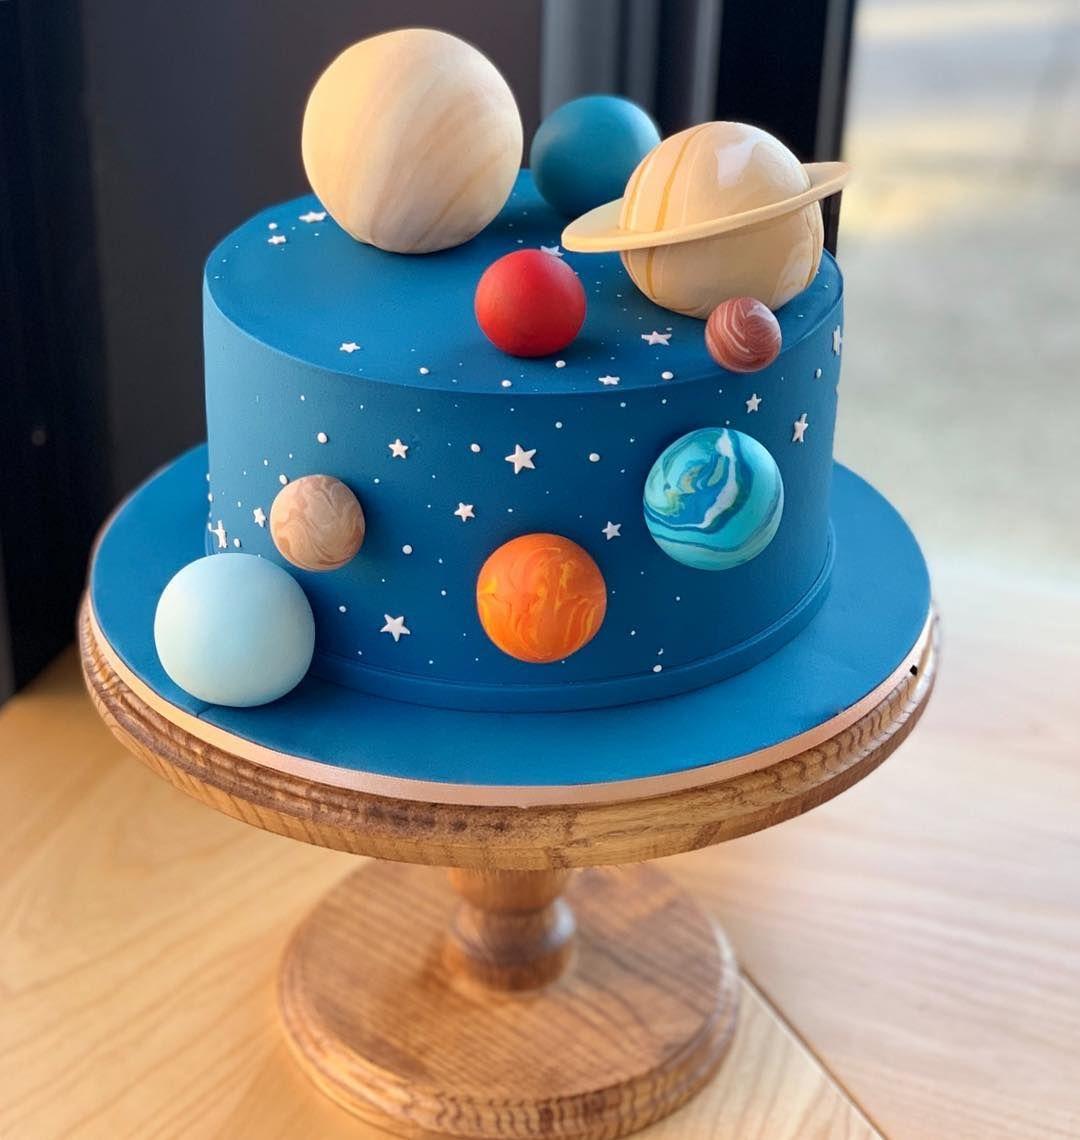 Space Planets Cake Cakeideas Solarsystemcake Handmade